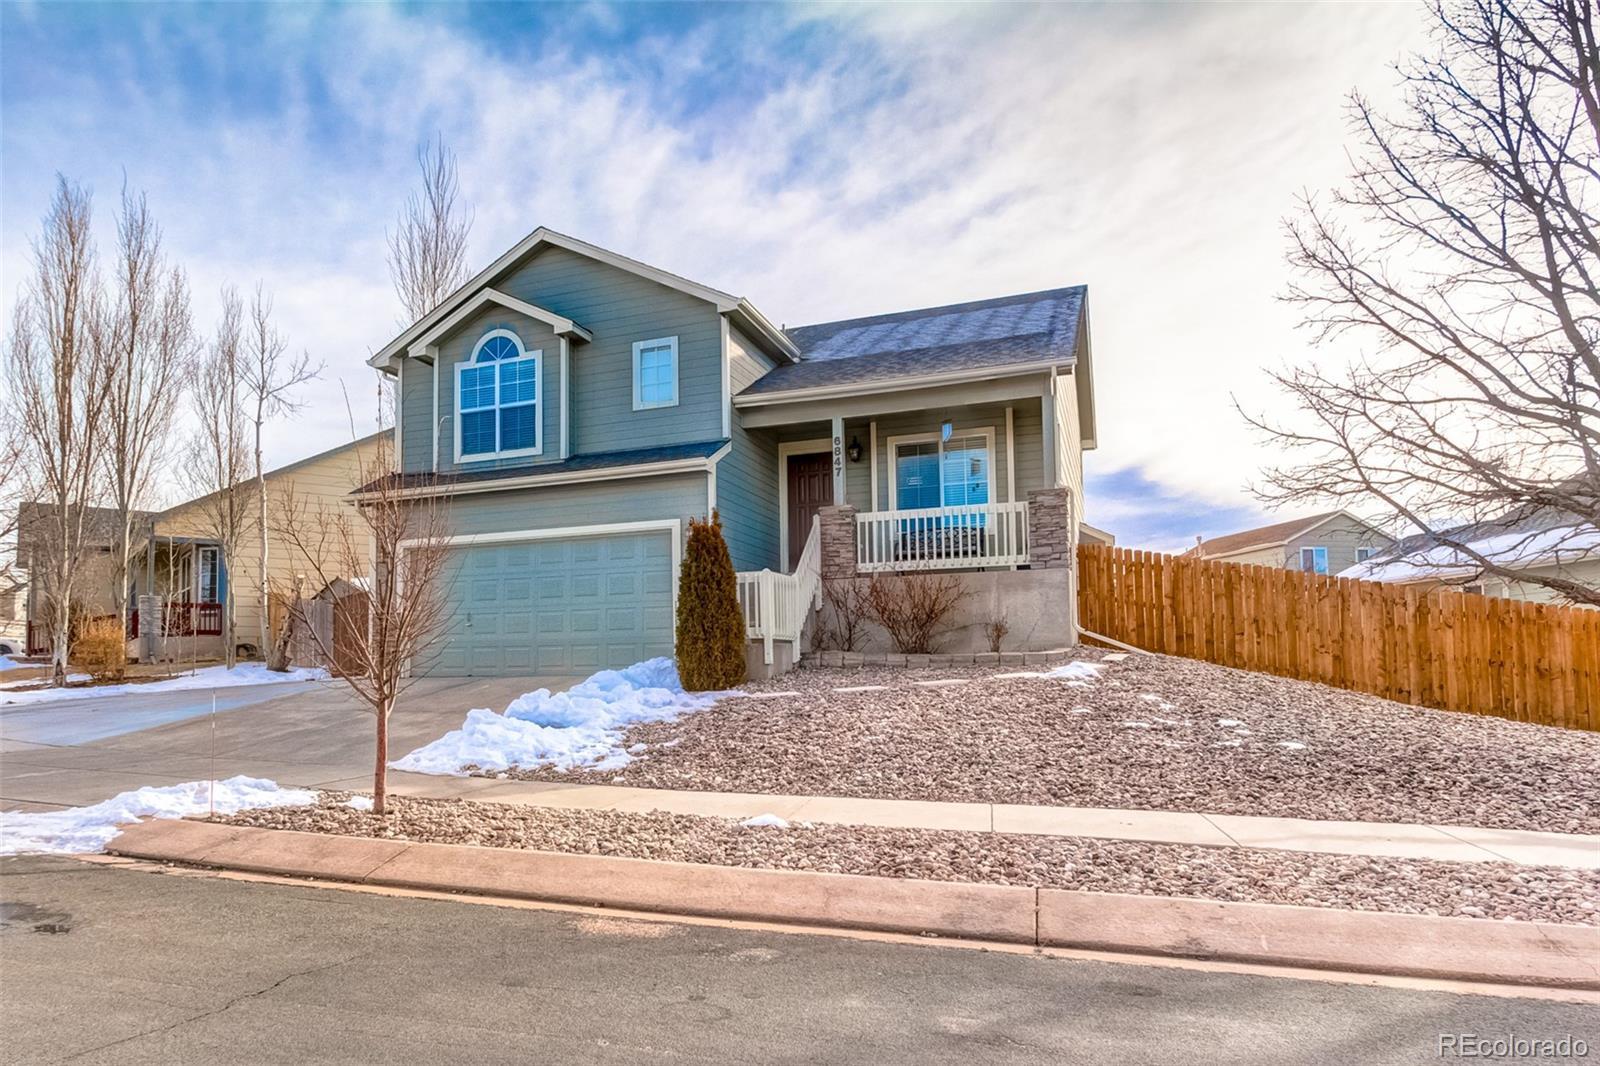 MLS# 8611656 - 1 - 6847 Lost Springs Drive, Colorado Springs, CO 80923